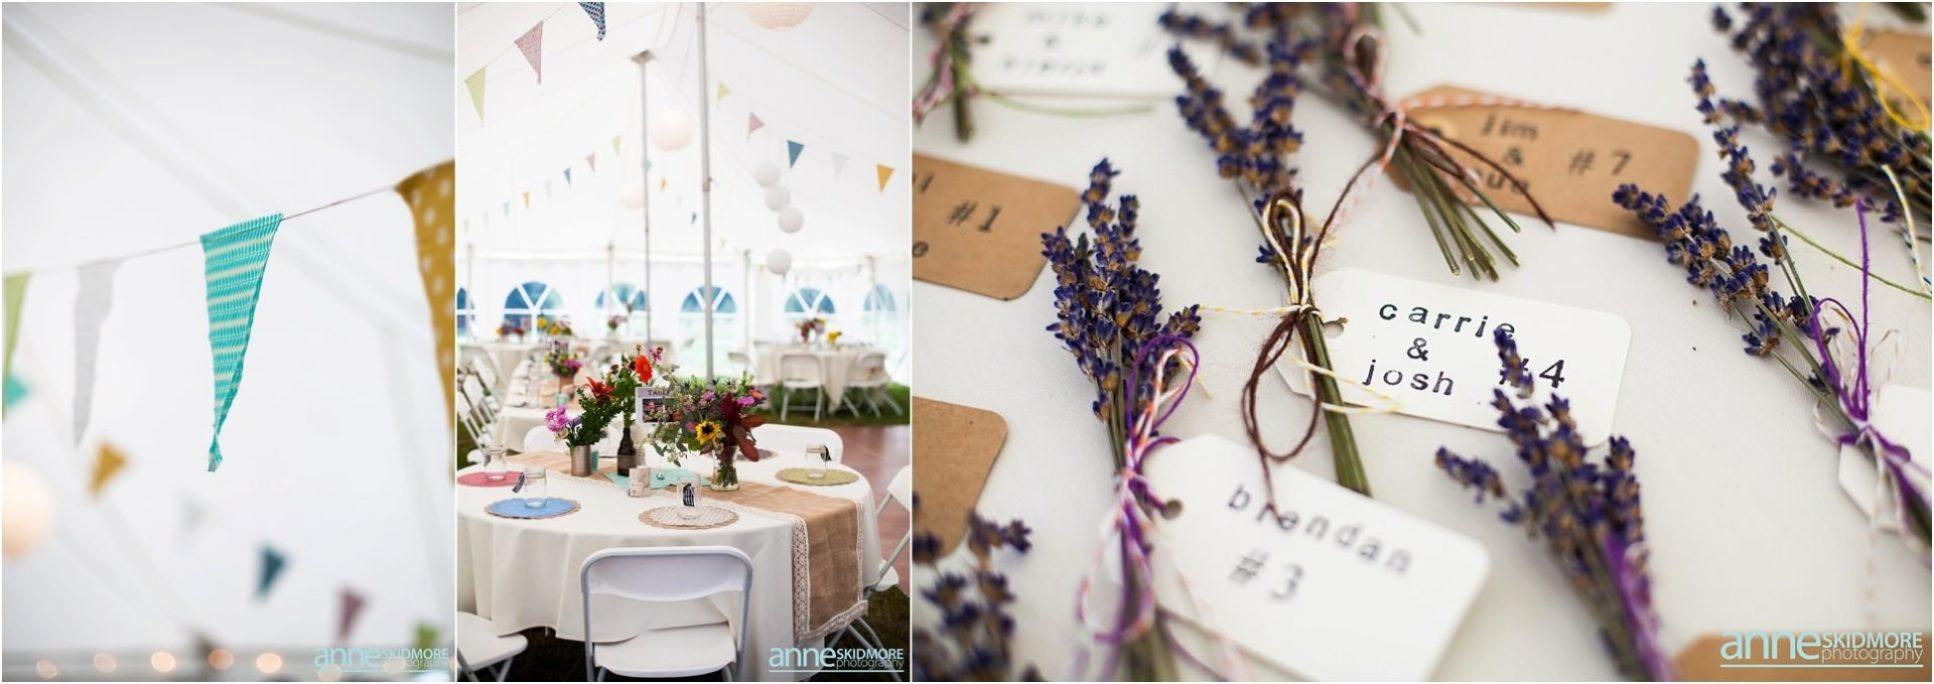 Claremont_NewHampshire_Wedding__002